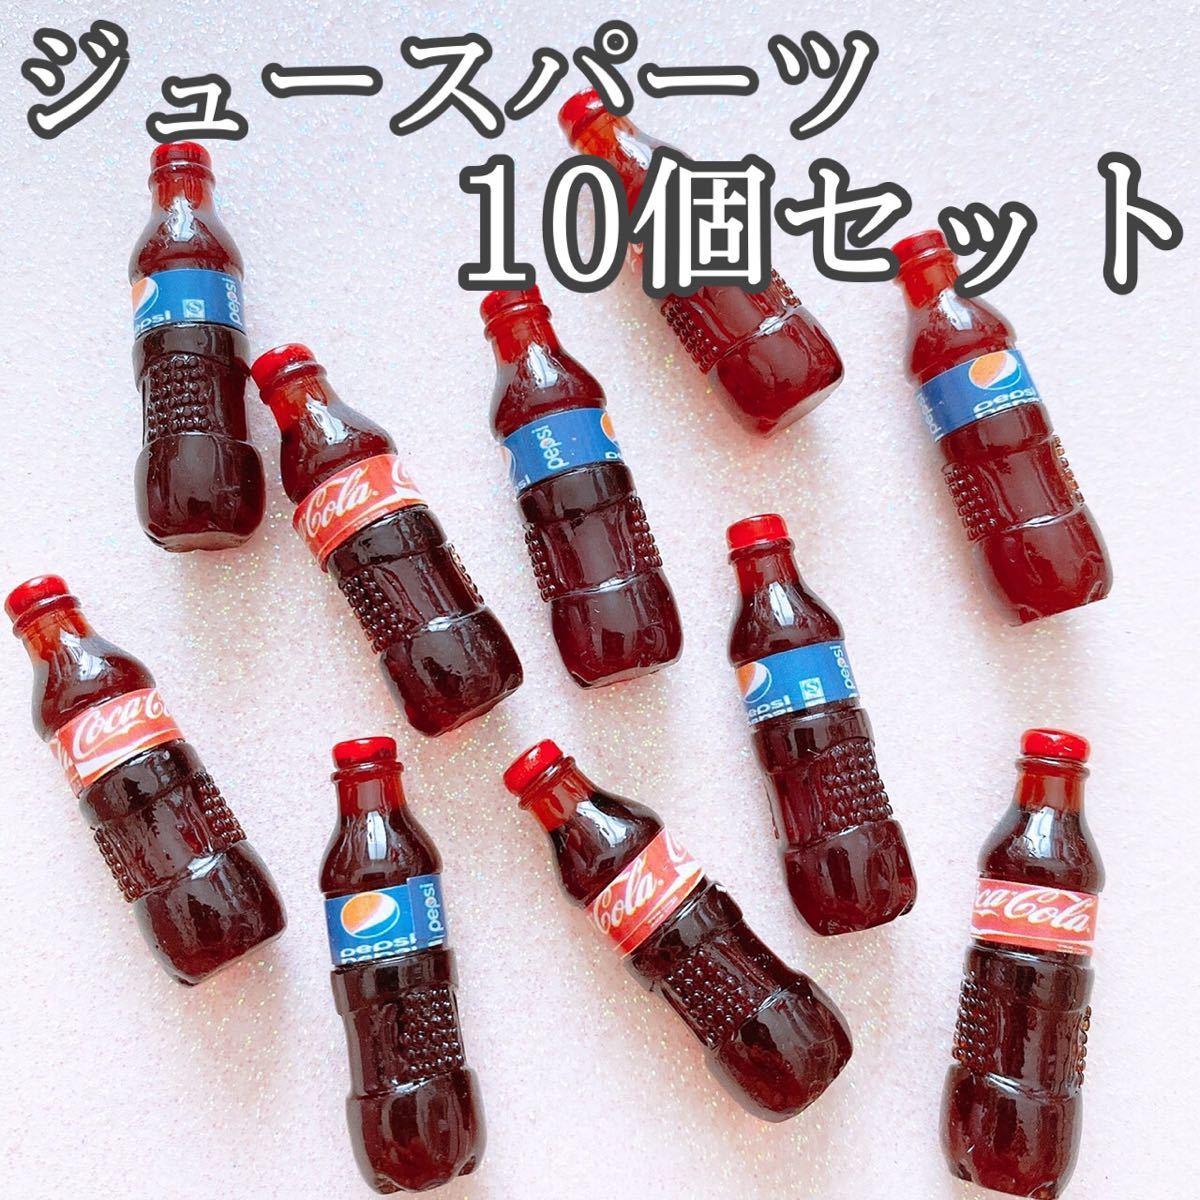 ☆デコパーツ☆ ミニチュアドリンク 10個セット ジュースデコパーツ